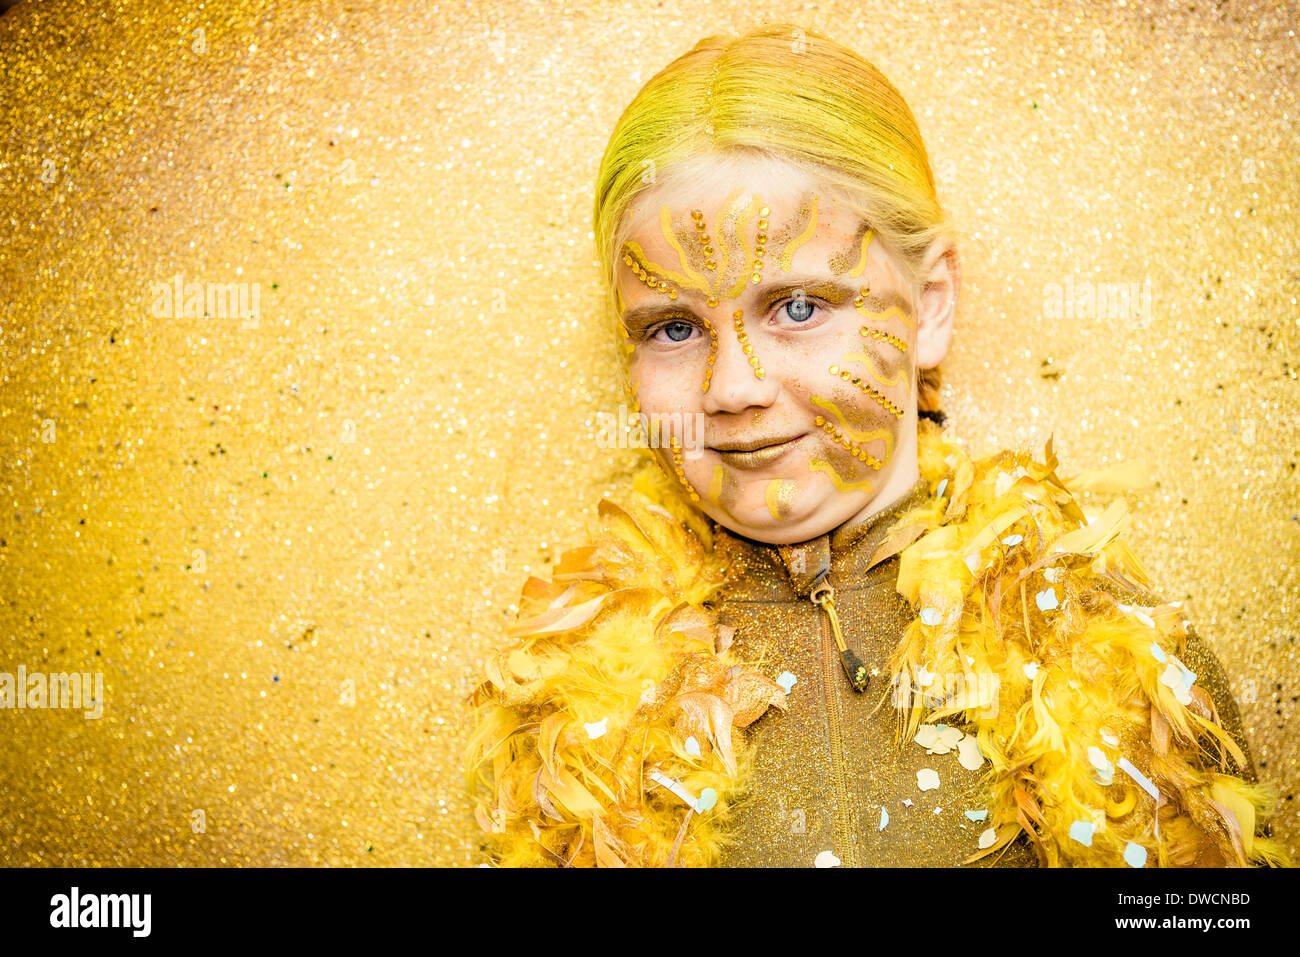 Sitges, Spanien. 4. März 2014: Eine Mädchen in einem Fantasie-Kostüm tanzt während der Kinder-Karnevalsumzug in Stockfoto